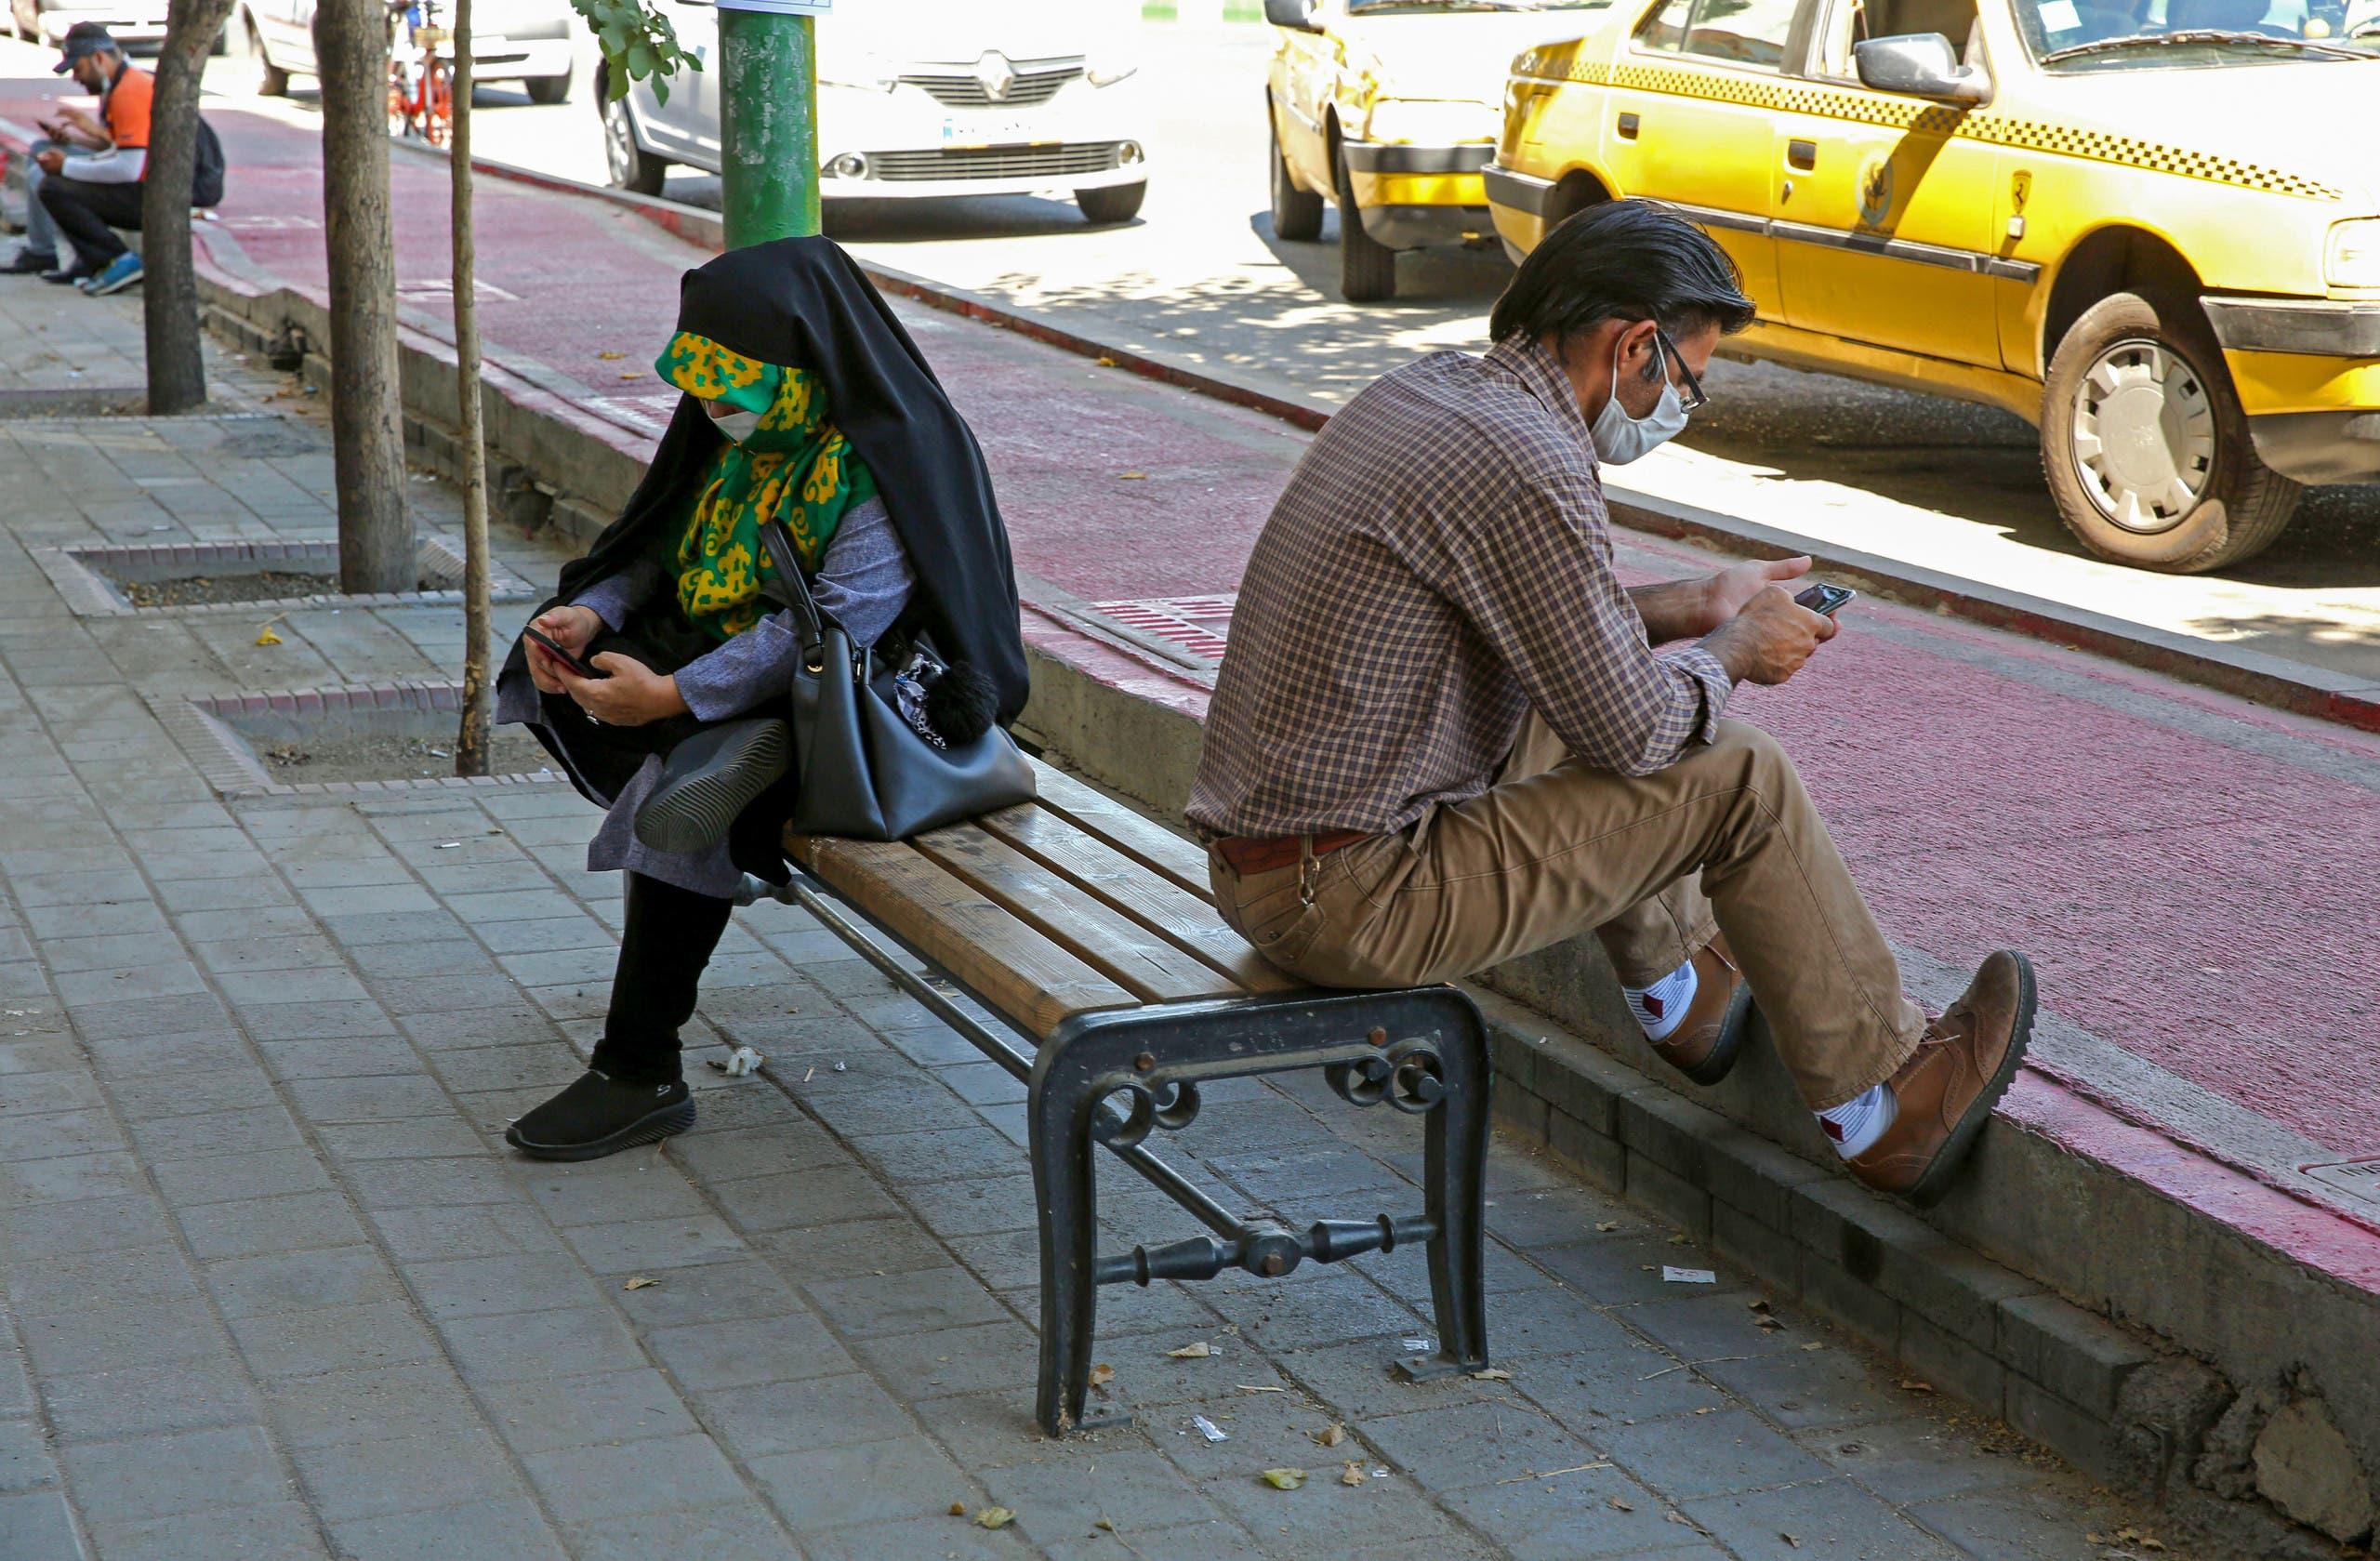 إيرانيان يتفحصان هاتفيهما في طهران في مايو الماضي